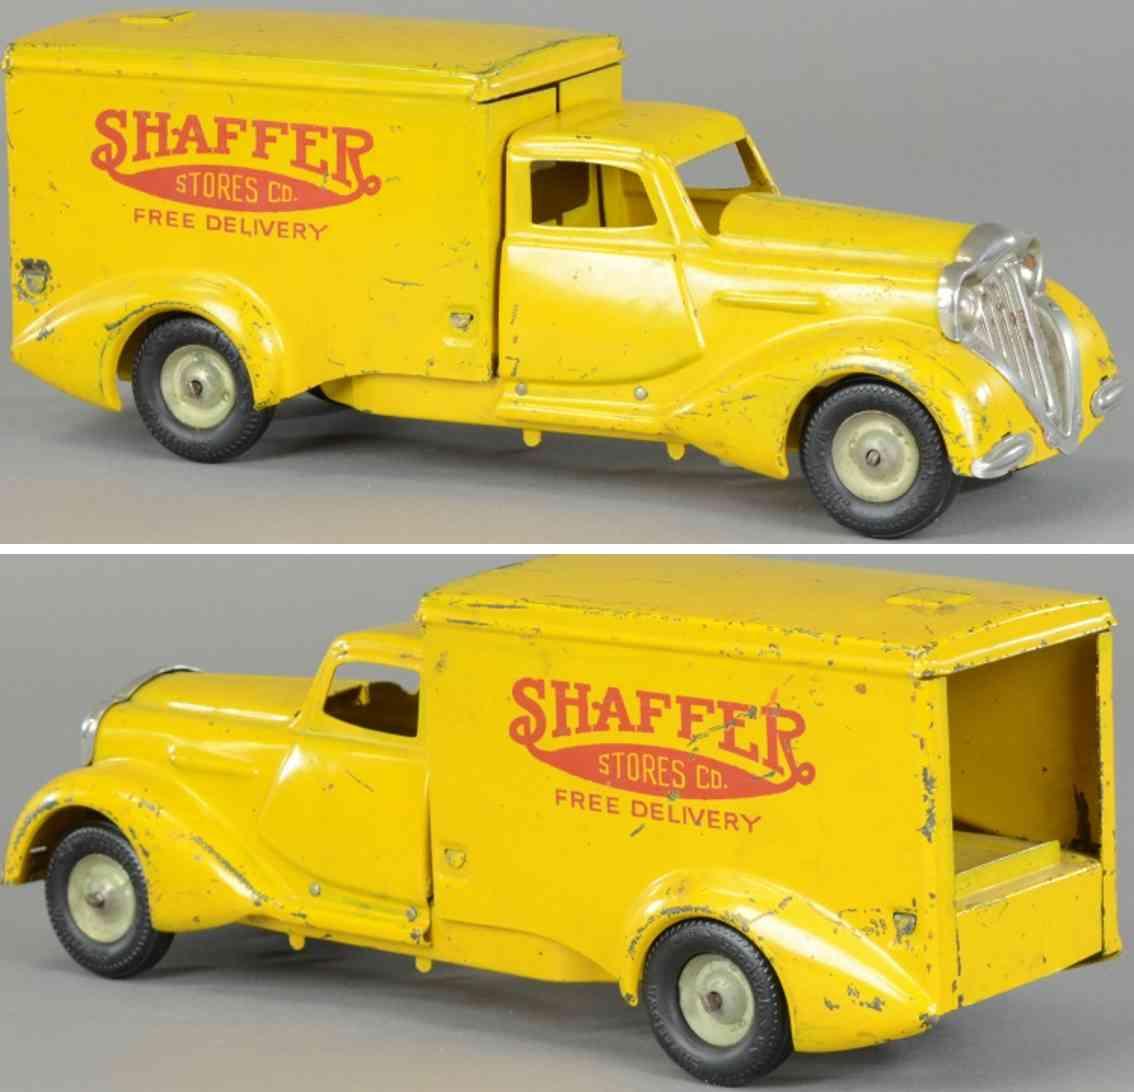 metalcraft corp st louis Shaffer 13 blech spielzeug lastwagen lieferwagen aus stahlblech, bemalt in gelb, fahrerhaus im de